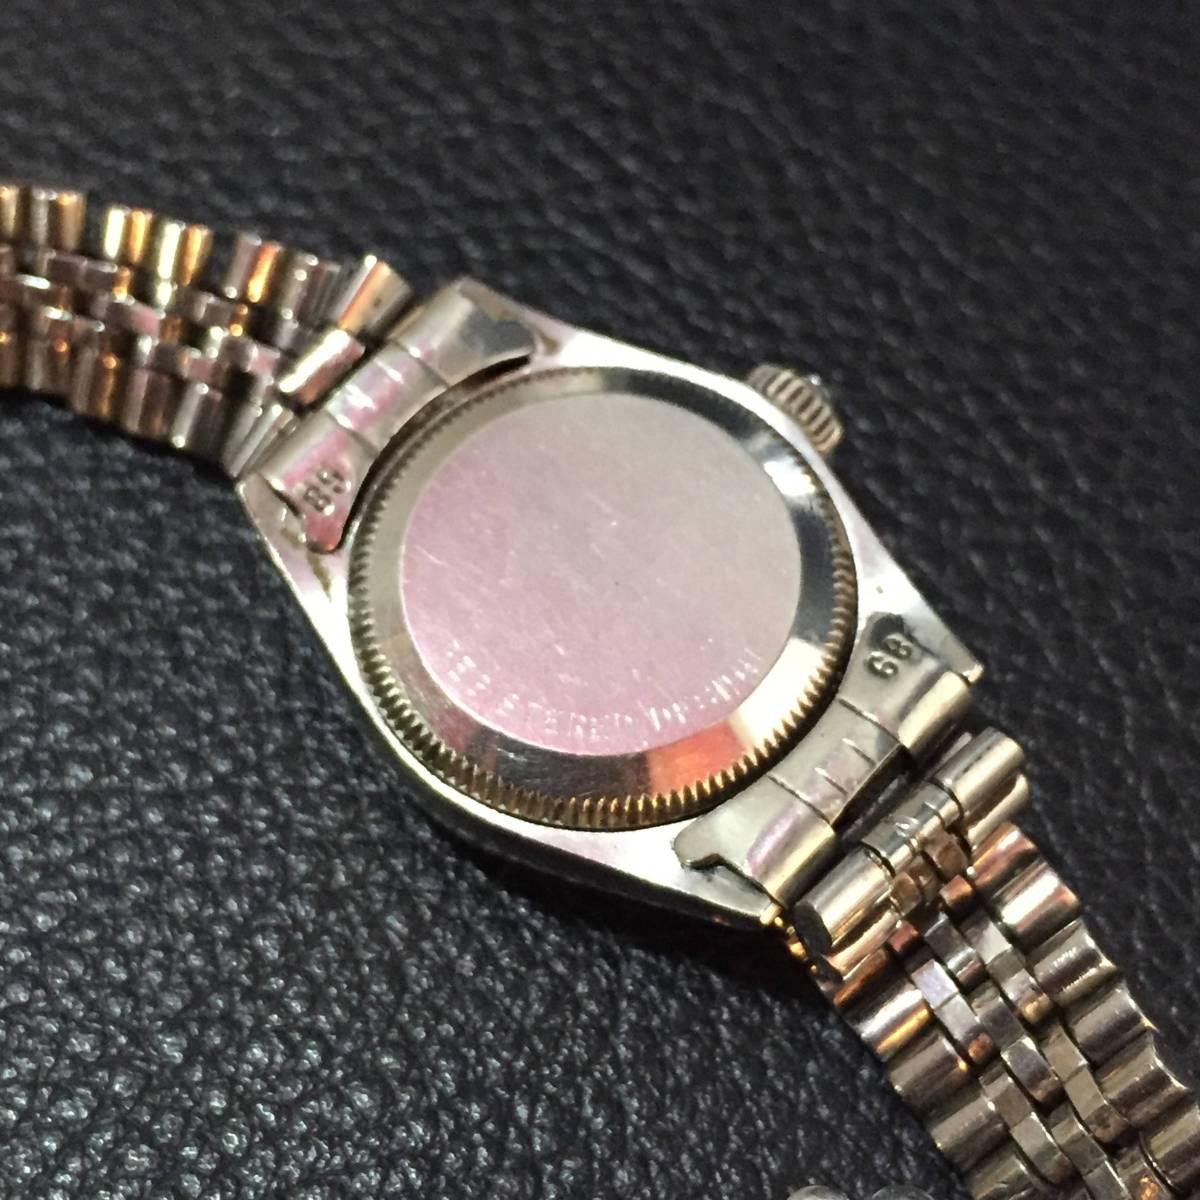 ※動作品 現状品 ROLEX ロレックス レディース デイトジャスト Ref.6924 手巻き腕時計 本体のみ【3002091548/B-2】_画像8